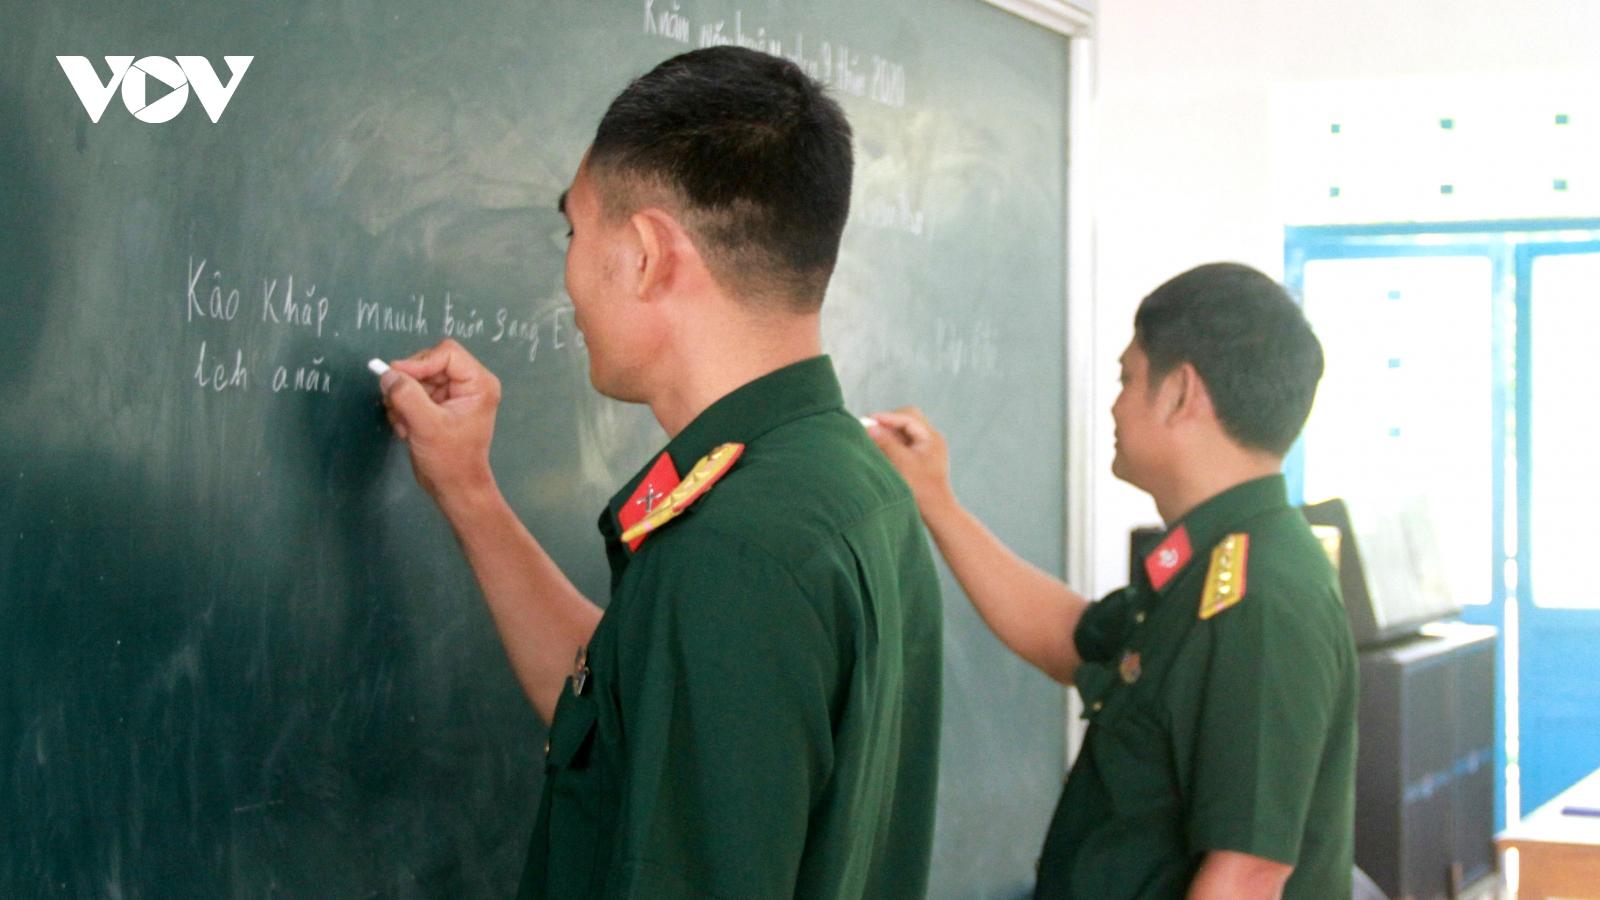 Bộ đội Đắk Lắk học tiếng Êđê để gần dân, hiểu dân hơn